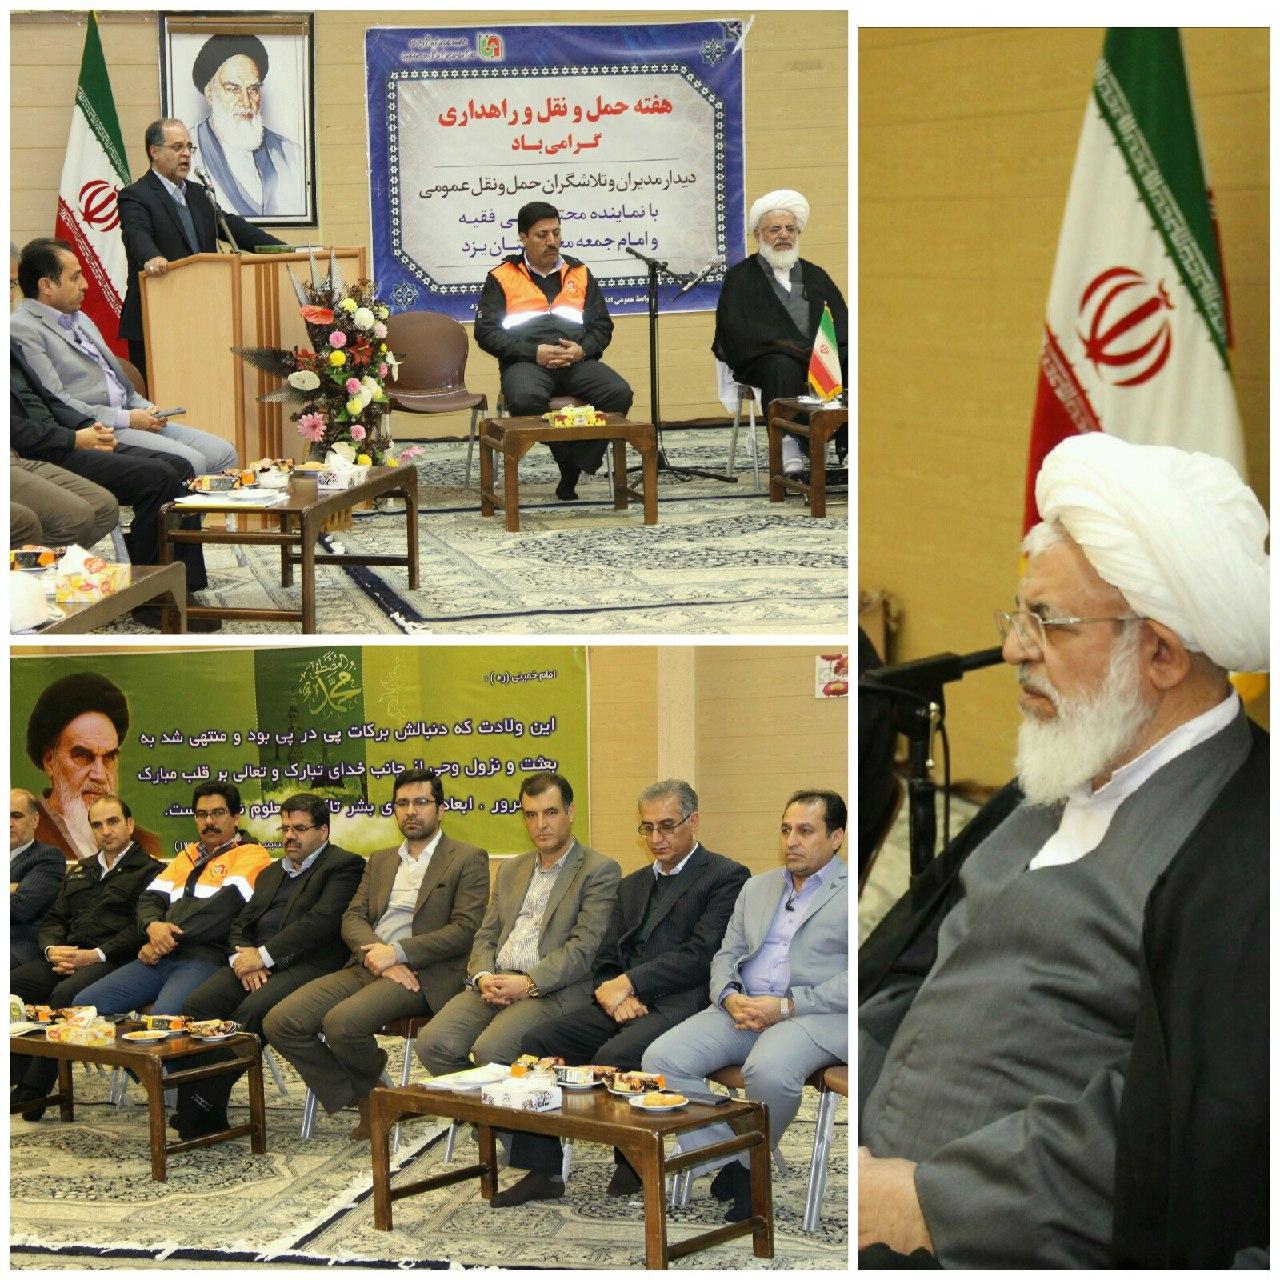 دیدار اعضای شورای حمل و نقل استان یزد با نماینده ولی فقیه